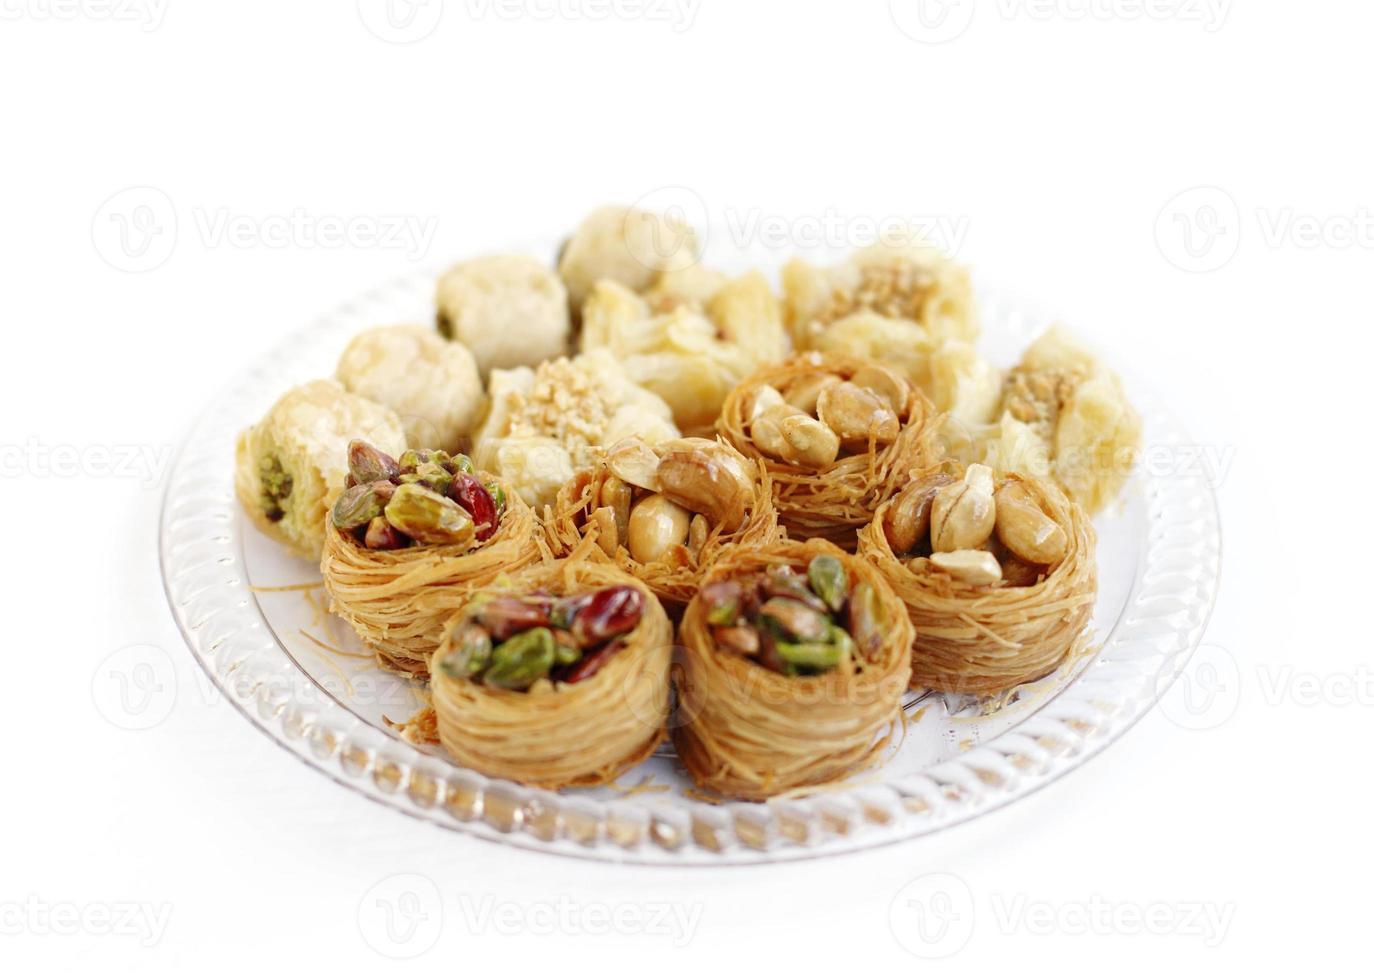 köstlich sortierte traditionelle arabische Süßigkeiten Baklava, Fokus auf Cashew-Baklava foto